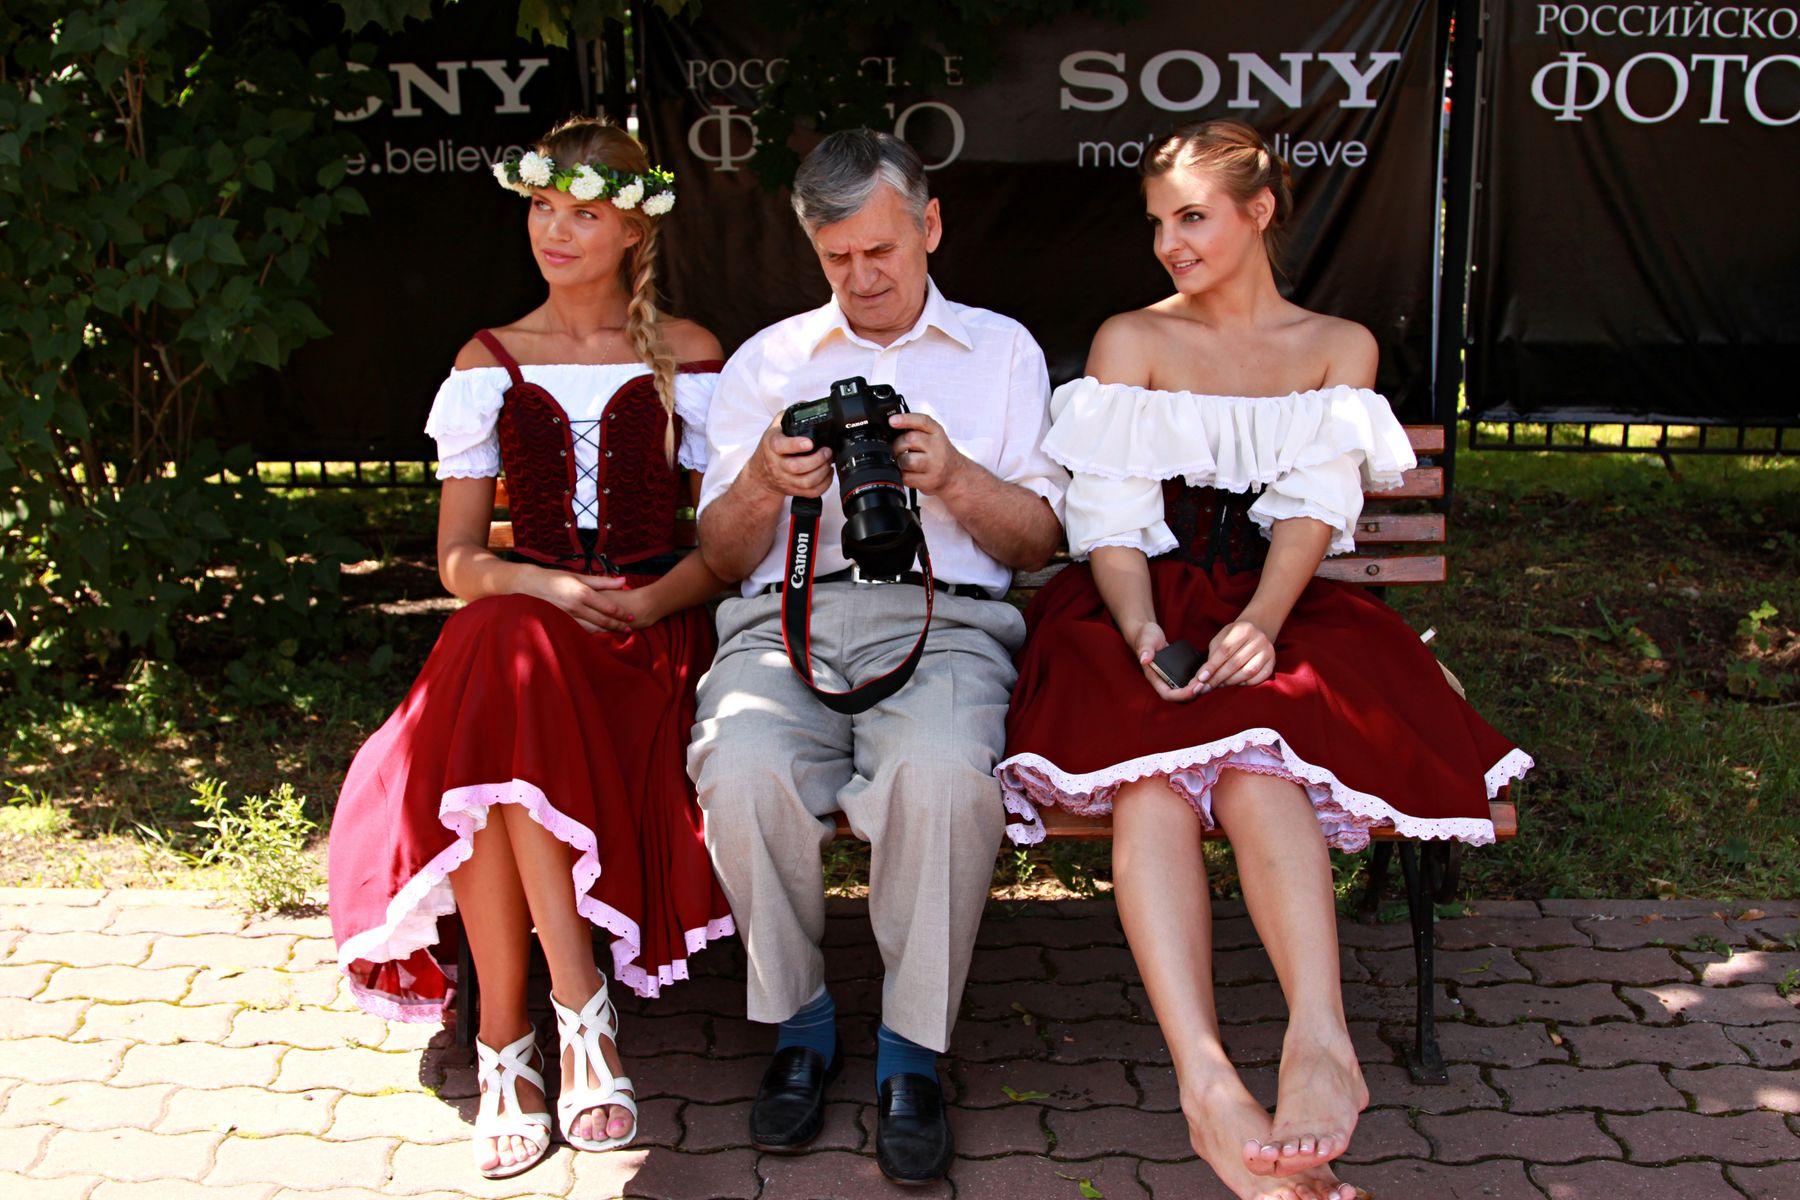 Фотоссесия в день фотографа в Сокольниках люди лица город прохожие уличный портрет стрит девушки